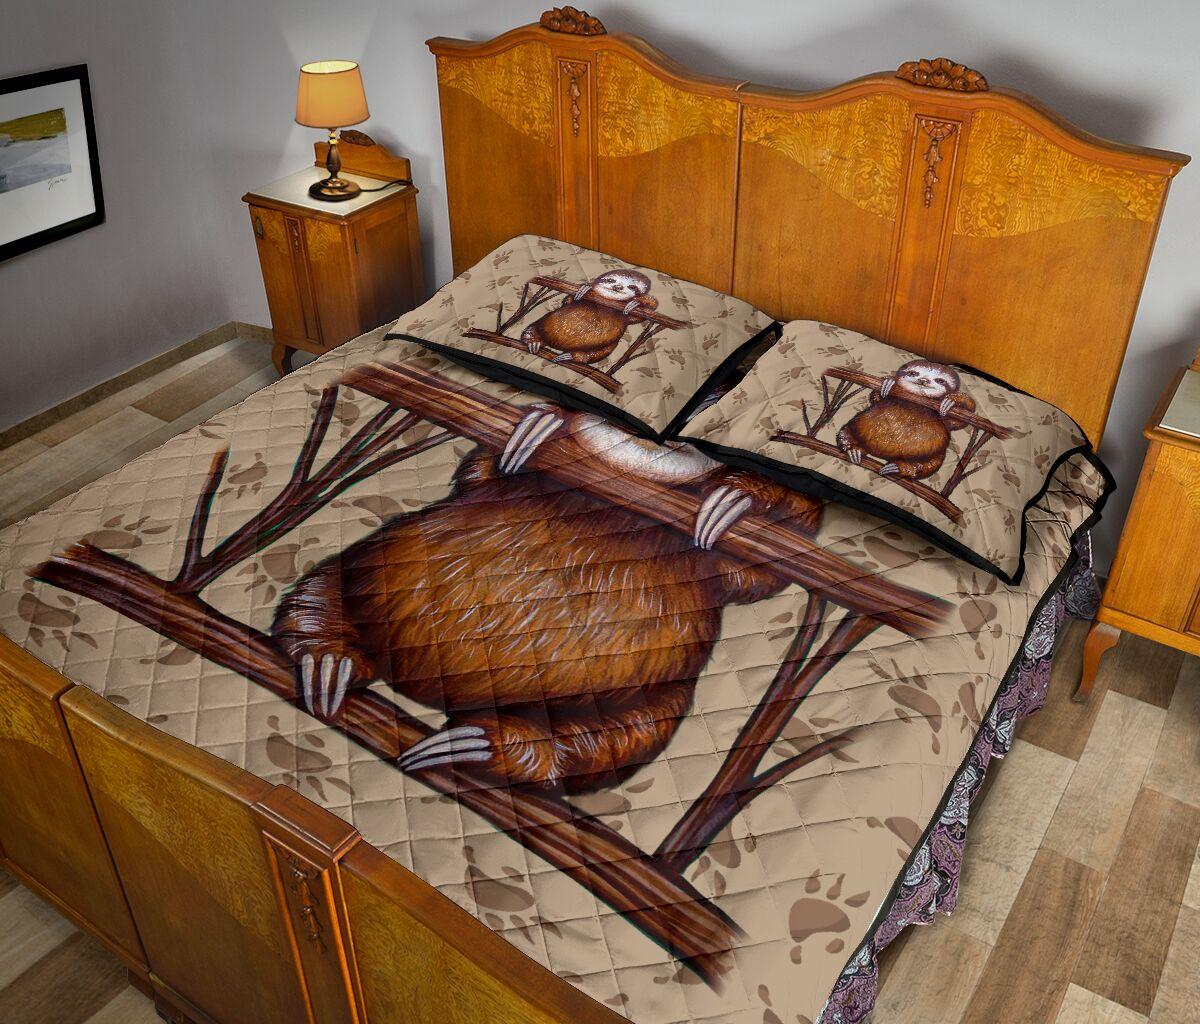 vintage sloth all over print bedding set 5